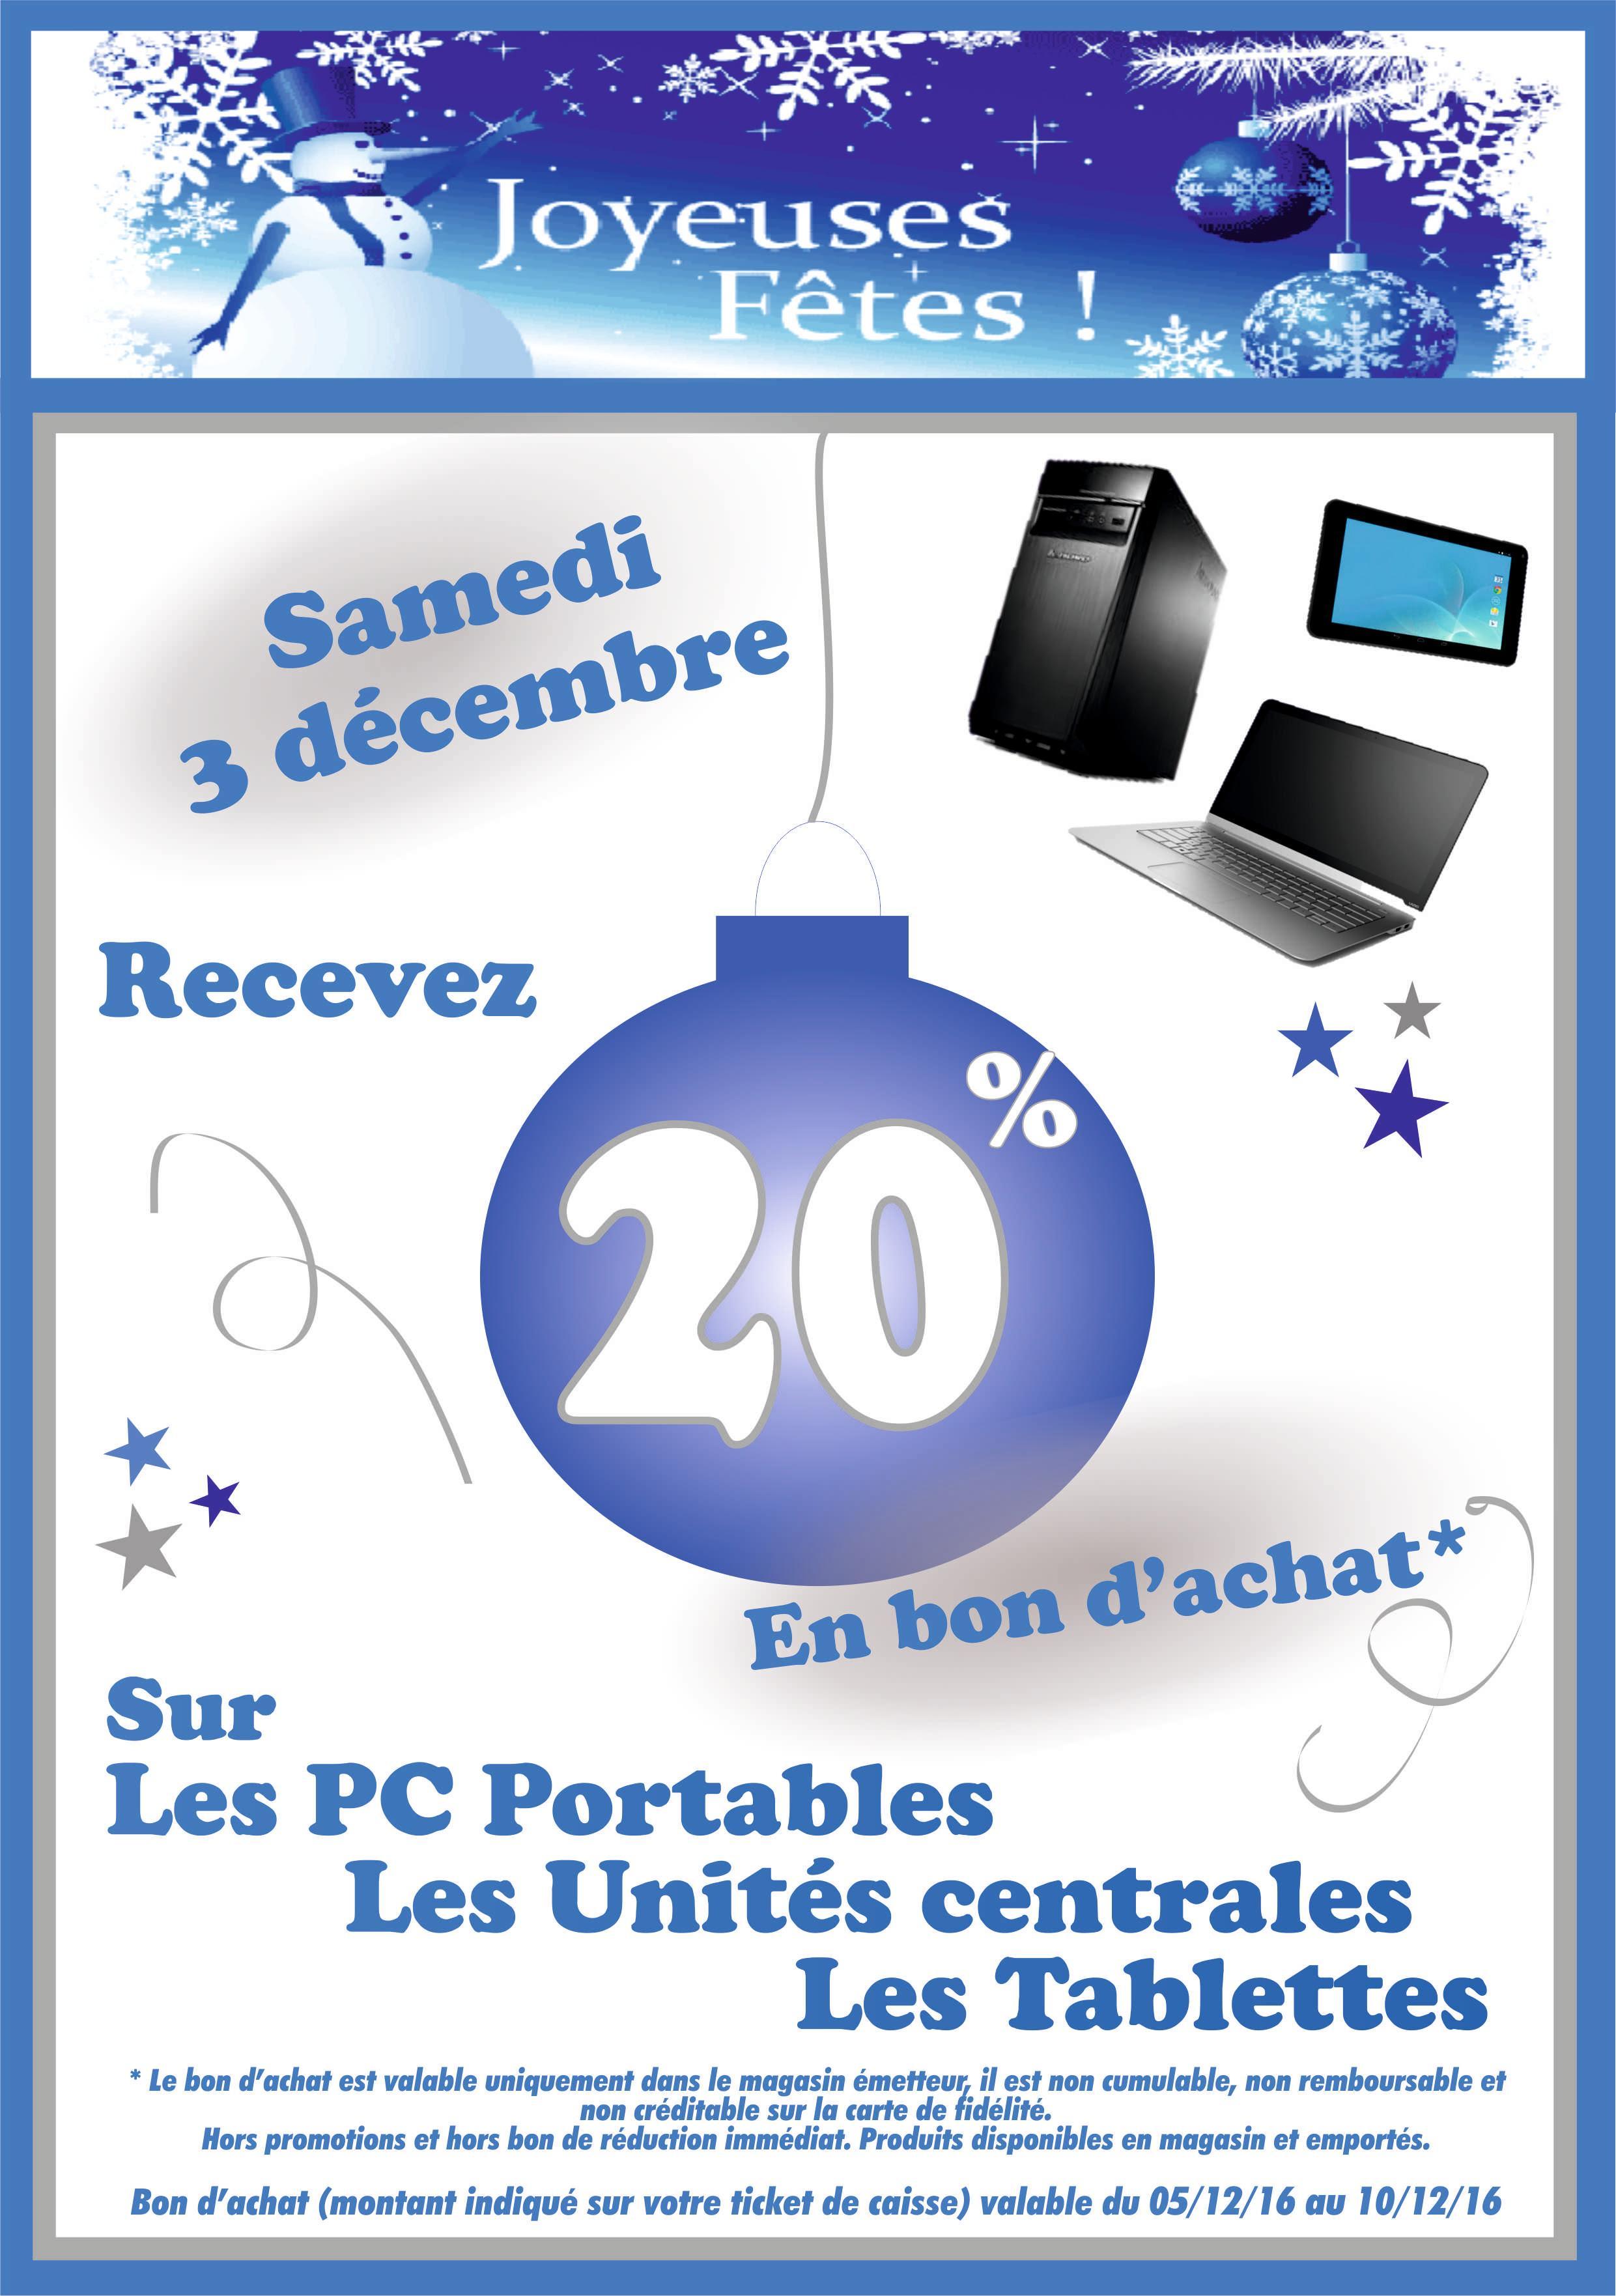 20% offerts en bon d'achat sur les PC et tablettes